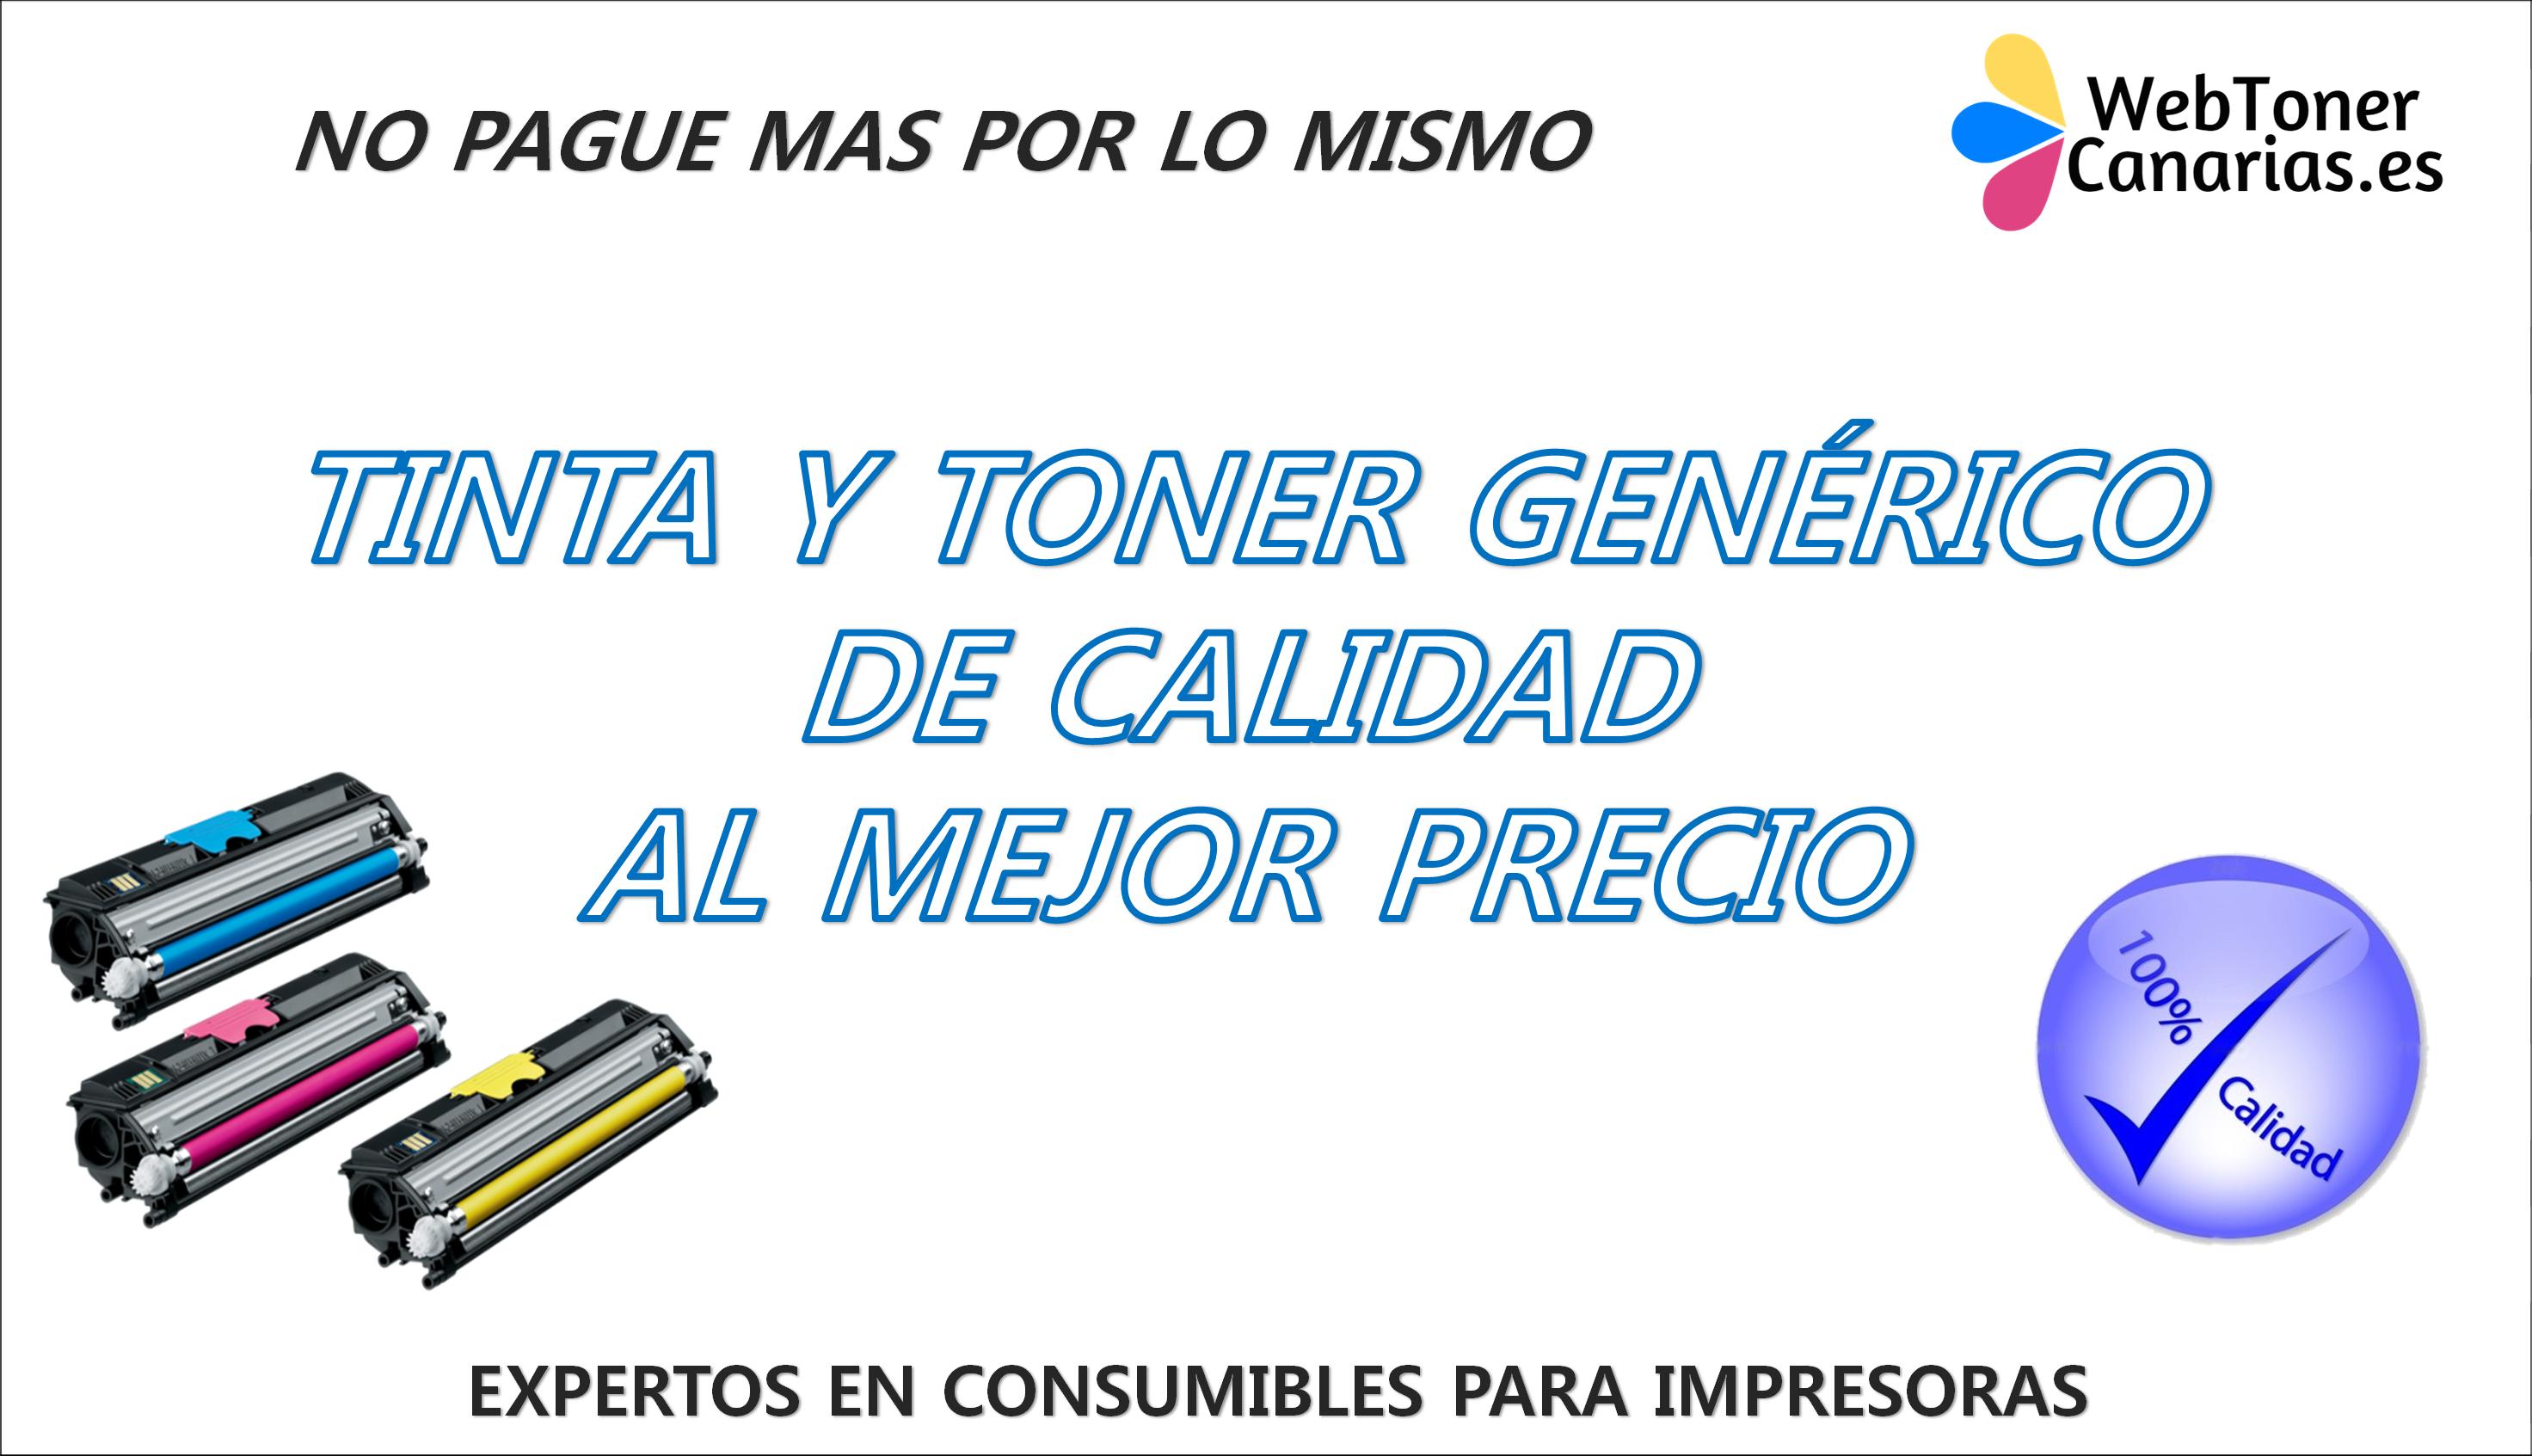 WebToner Canarias. Tinta y Toner para impresora en Canarias. Envíos a todas las islas.